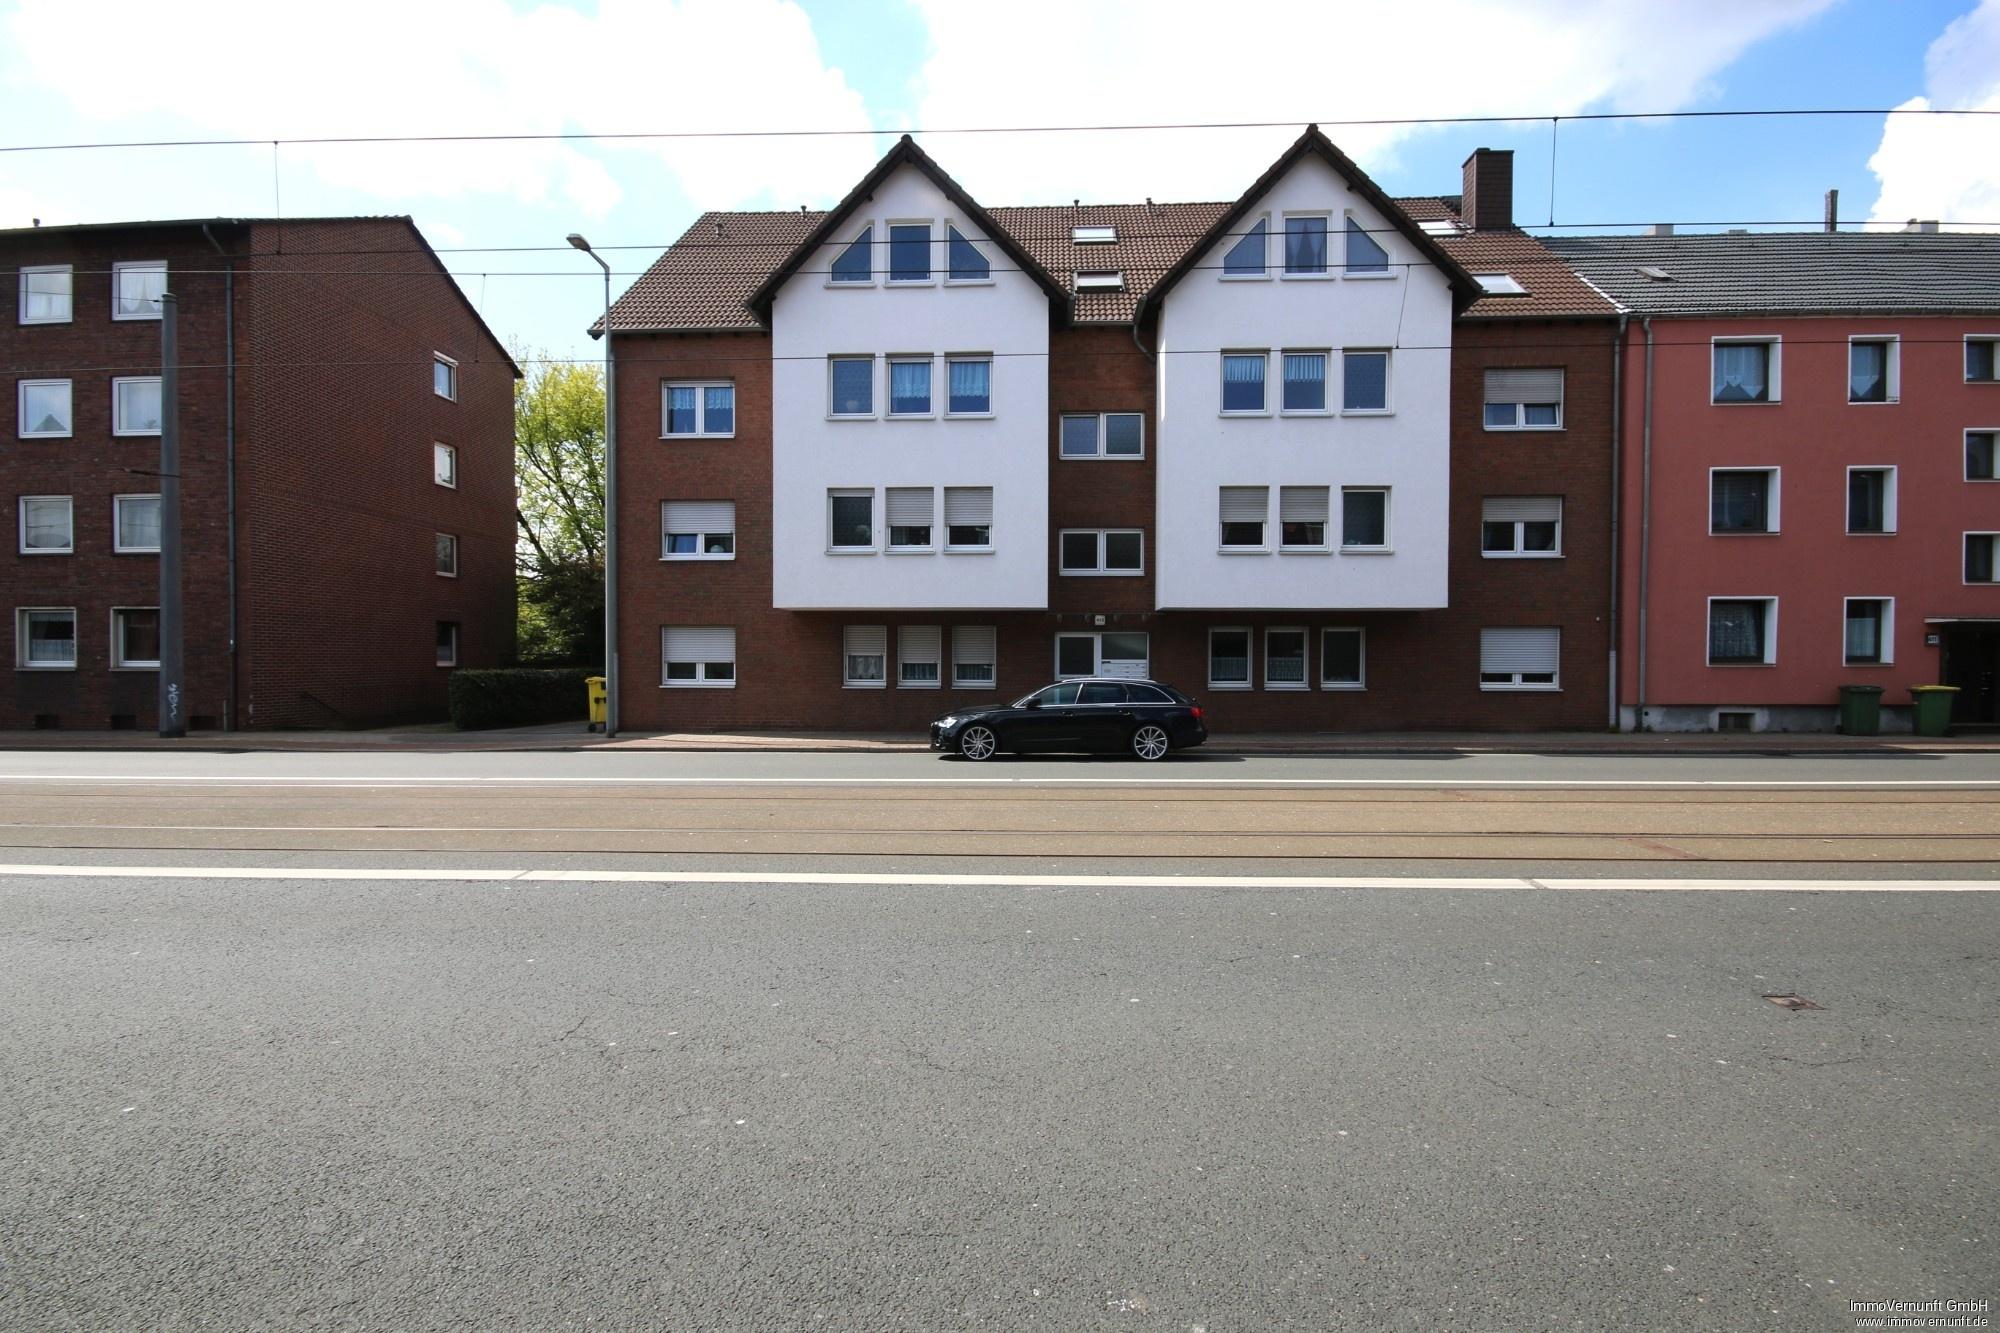 108 m² große schöne Maisonette Wohnung in Oberhausen mit Gartenanteil 46045 Oberhausen, Maisonettewohnung